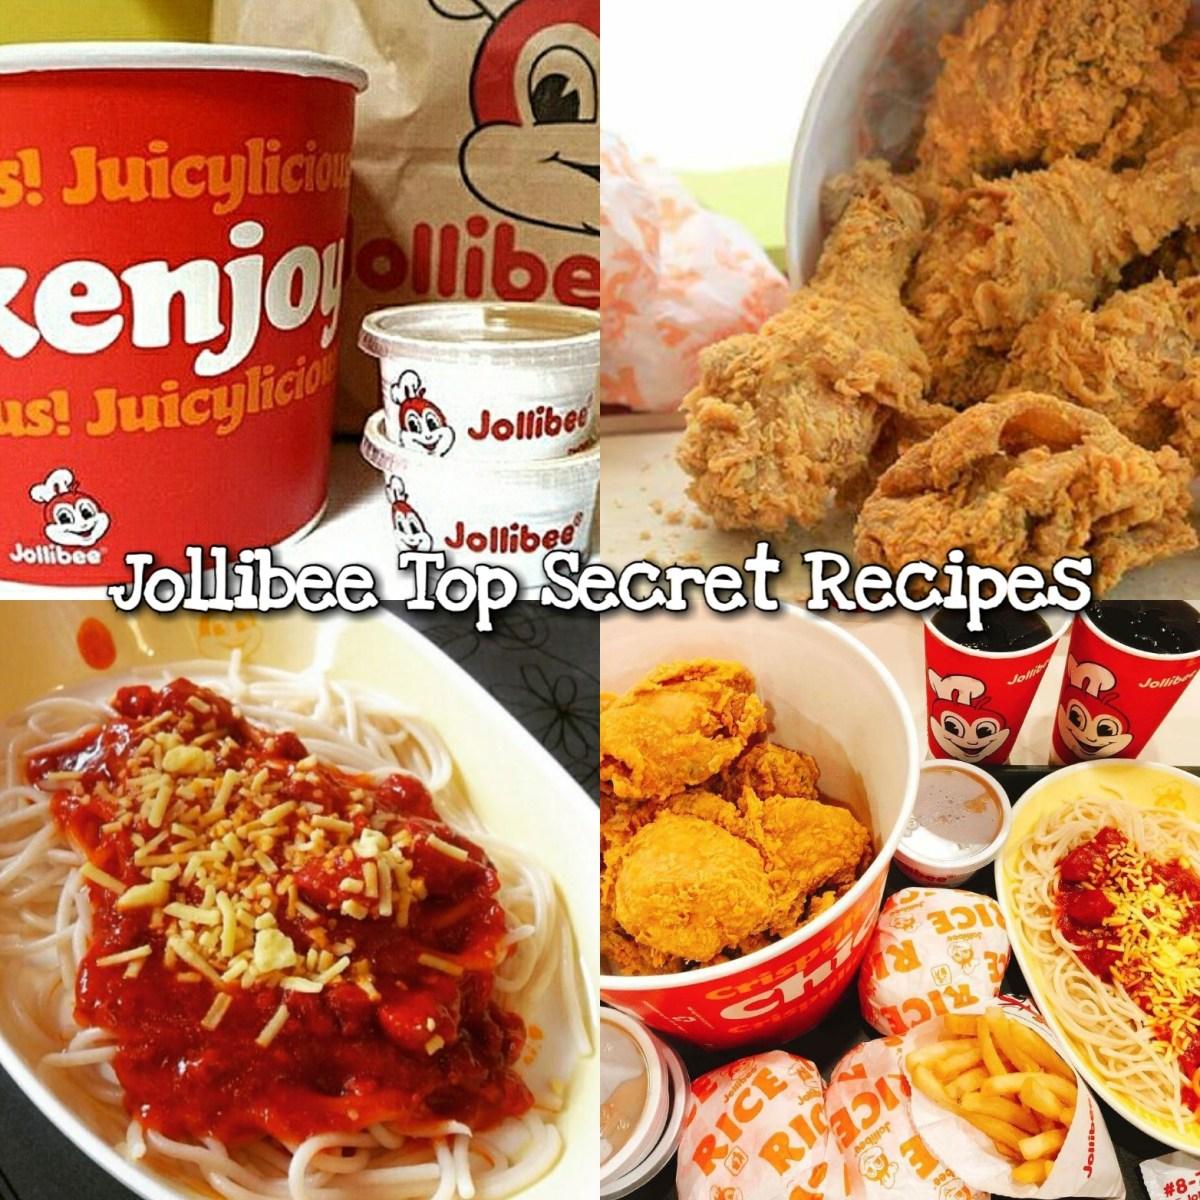 Jollibee Top Secret Recipes